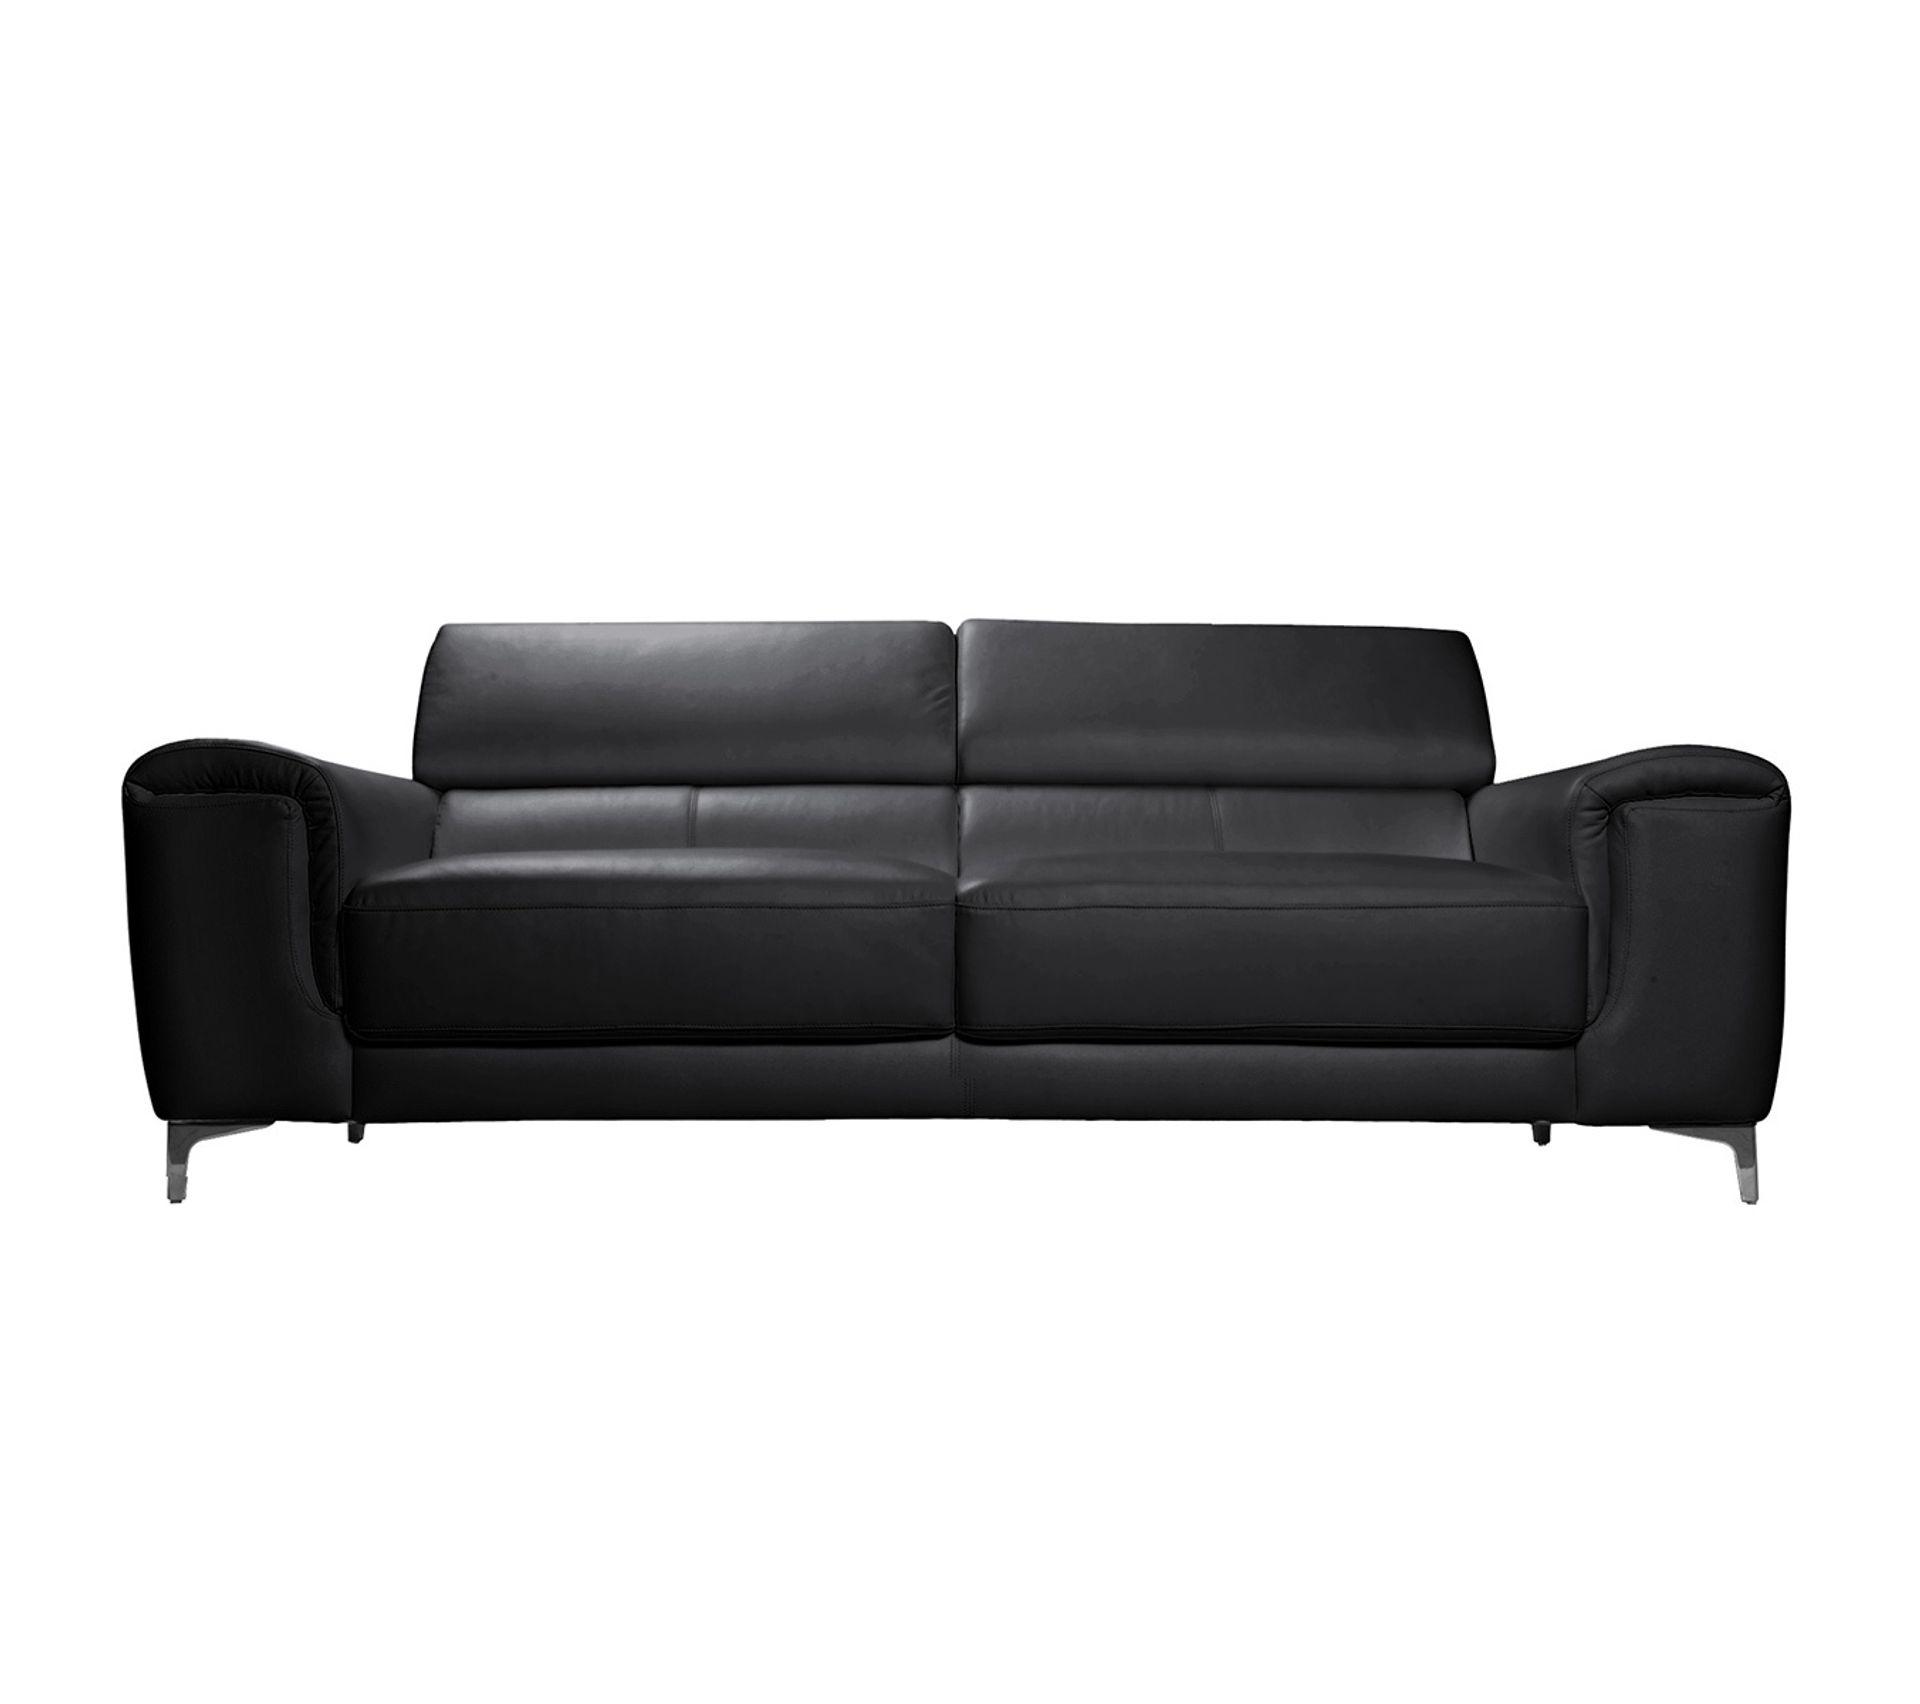 Entretien Canapé Cuir Buffle canapé cuir design 3 places avec têtières relax noir nevada - cuir de buffle